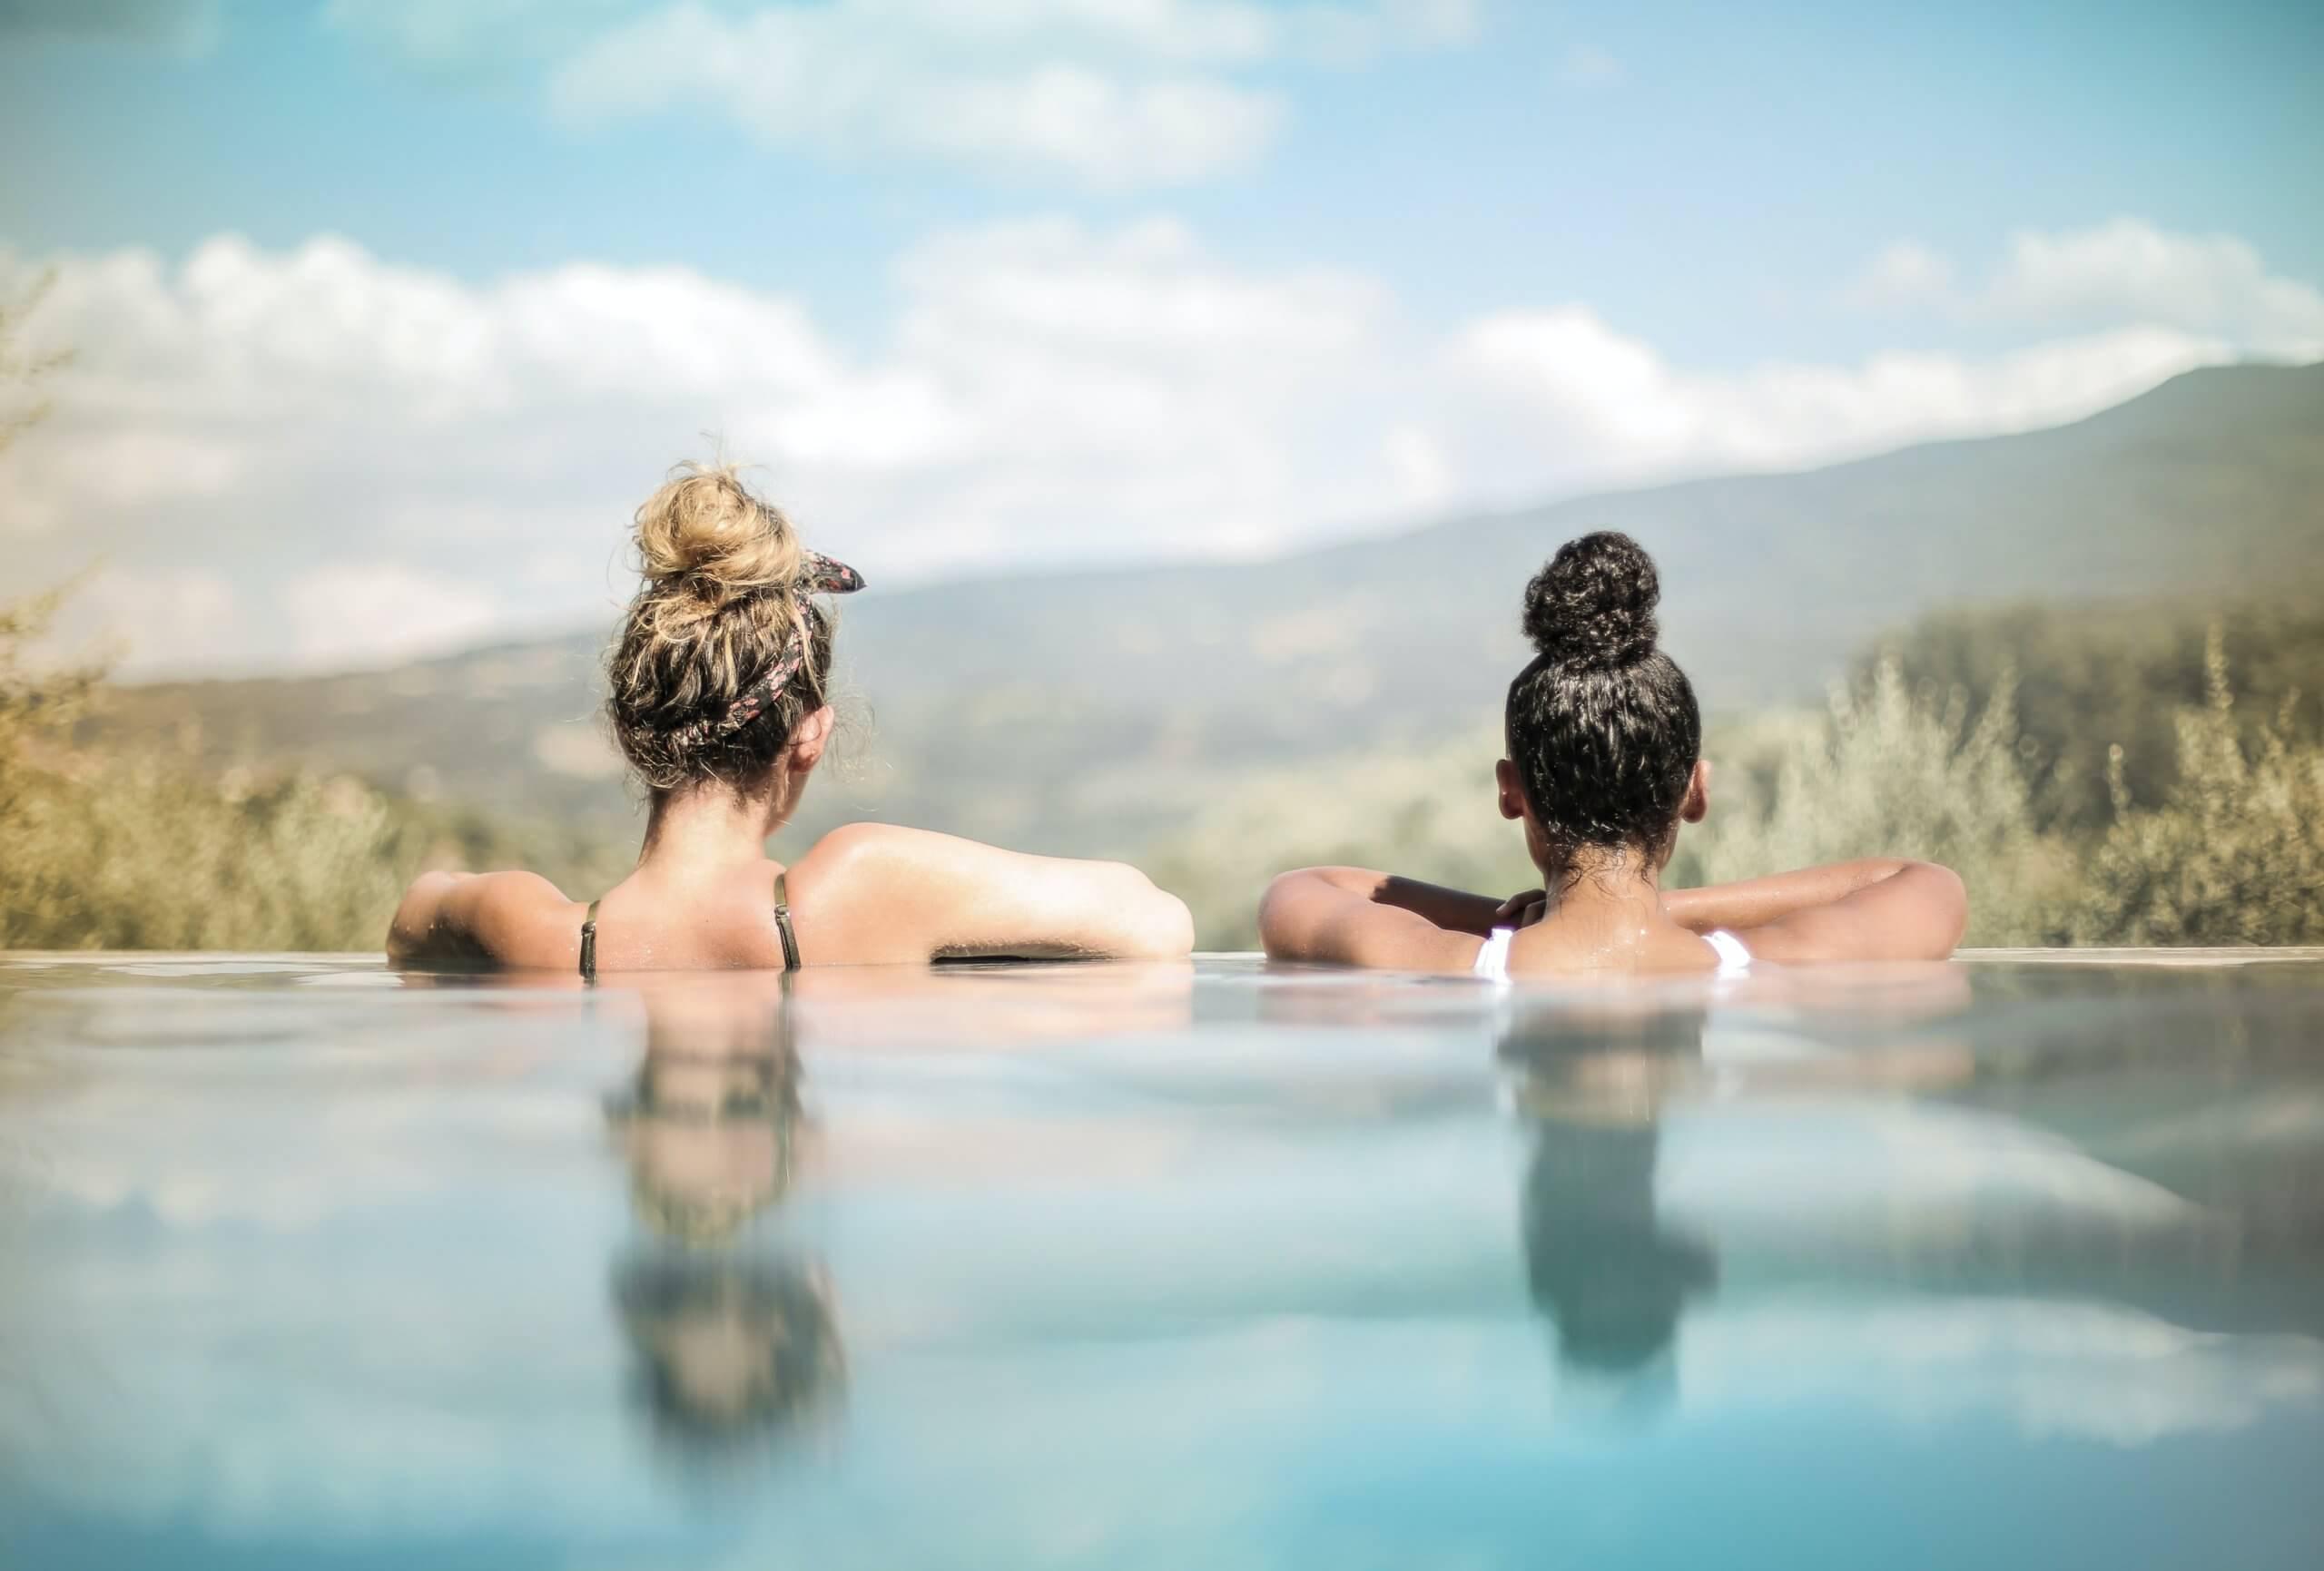 Budite spremni za ljeto koje dolazi: Ovi tipovi kupaćih bit će popularni u 2021.